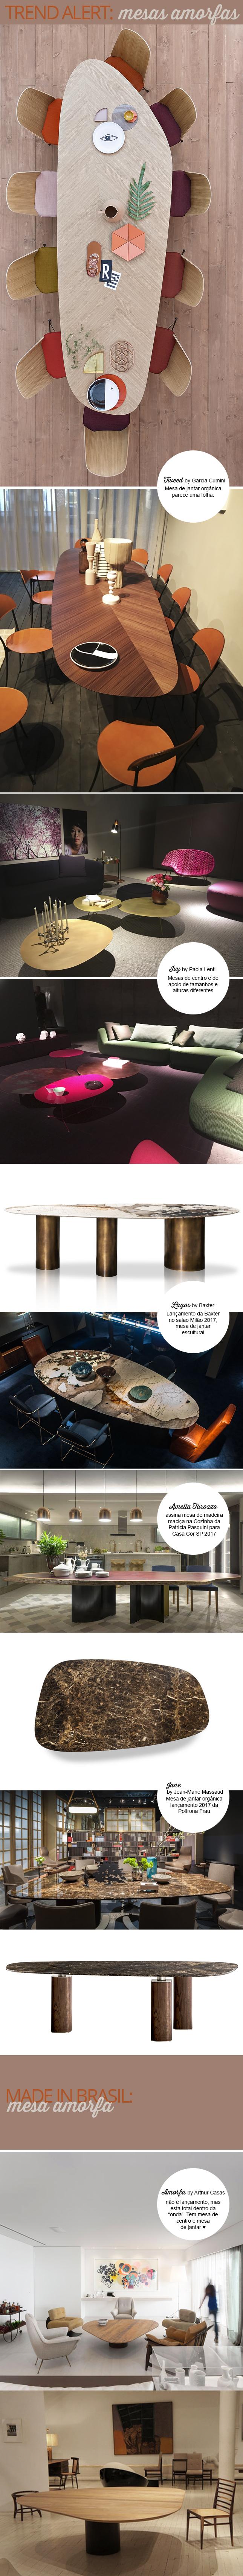 decoradornet-mesa-organica-amorfa-blog